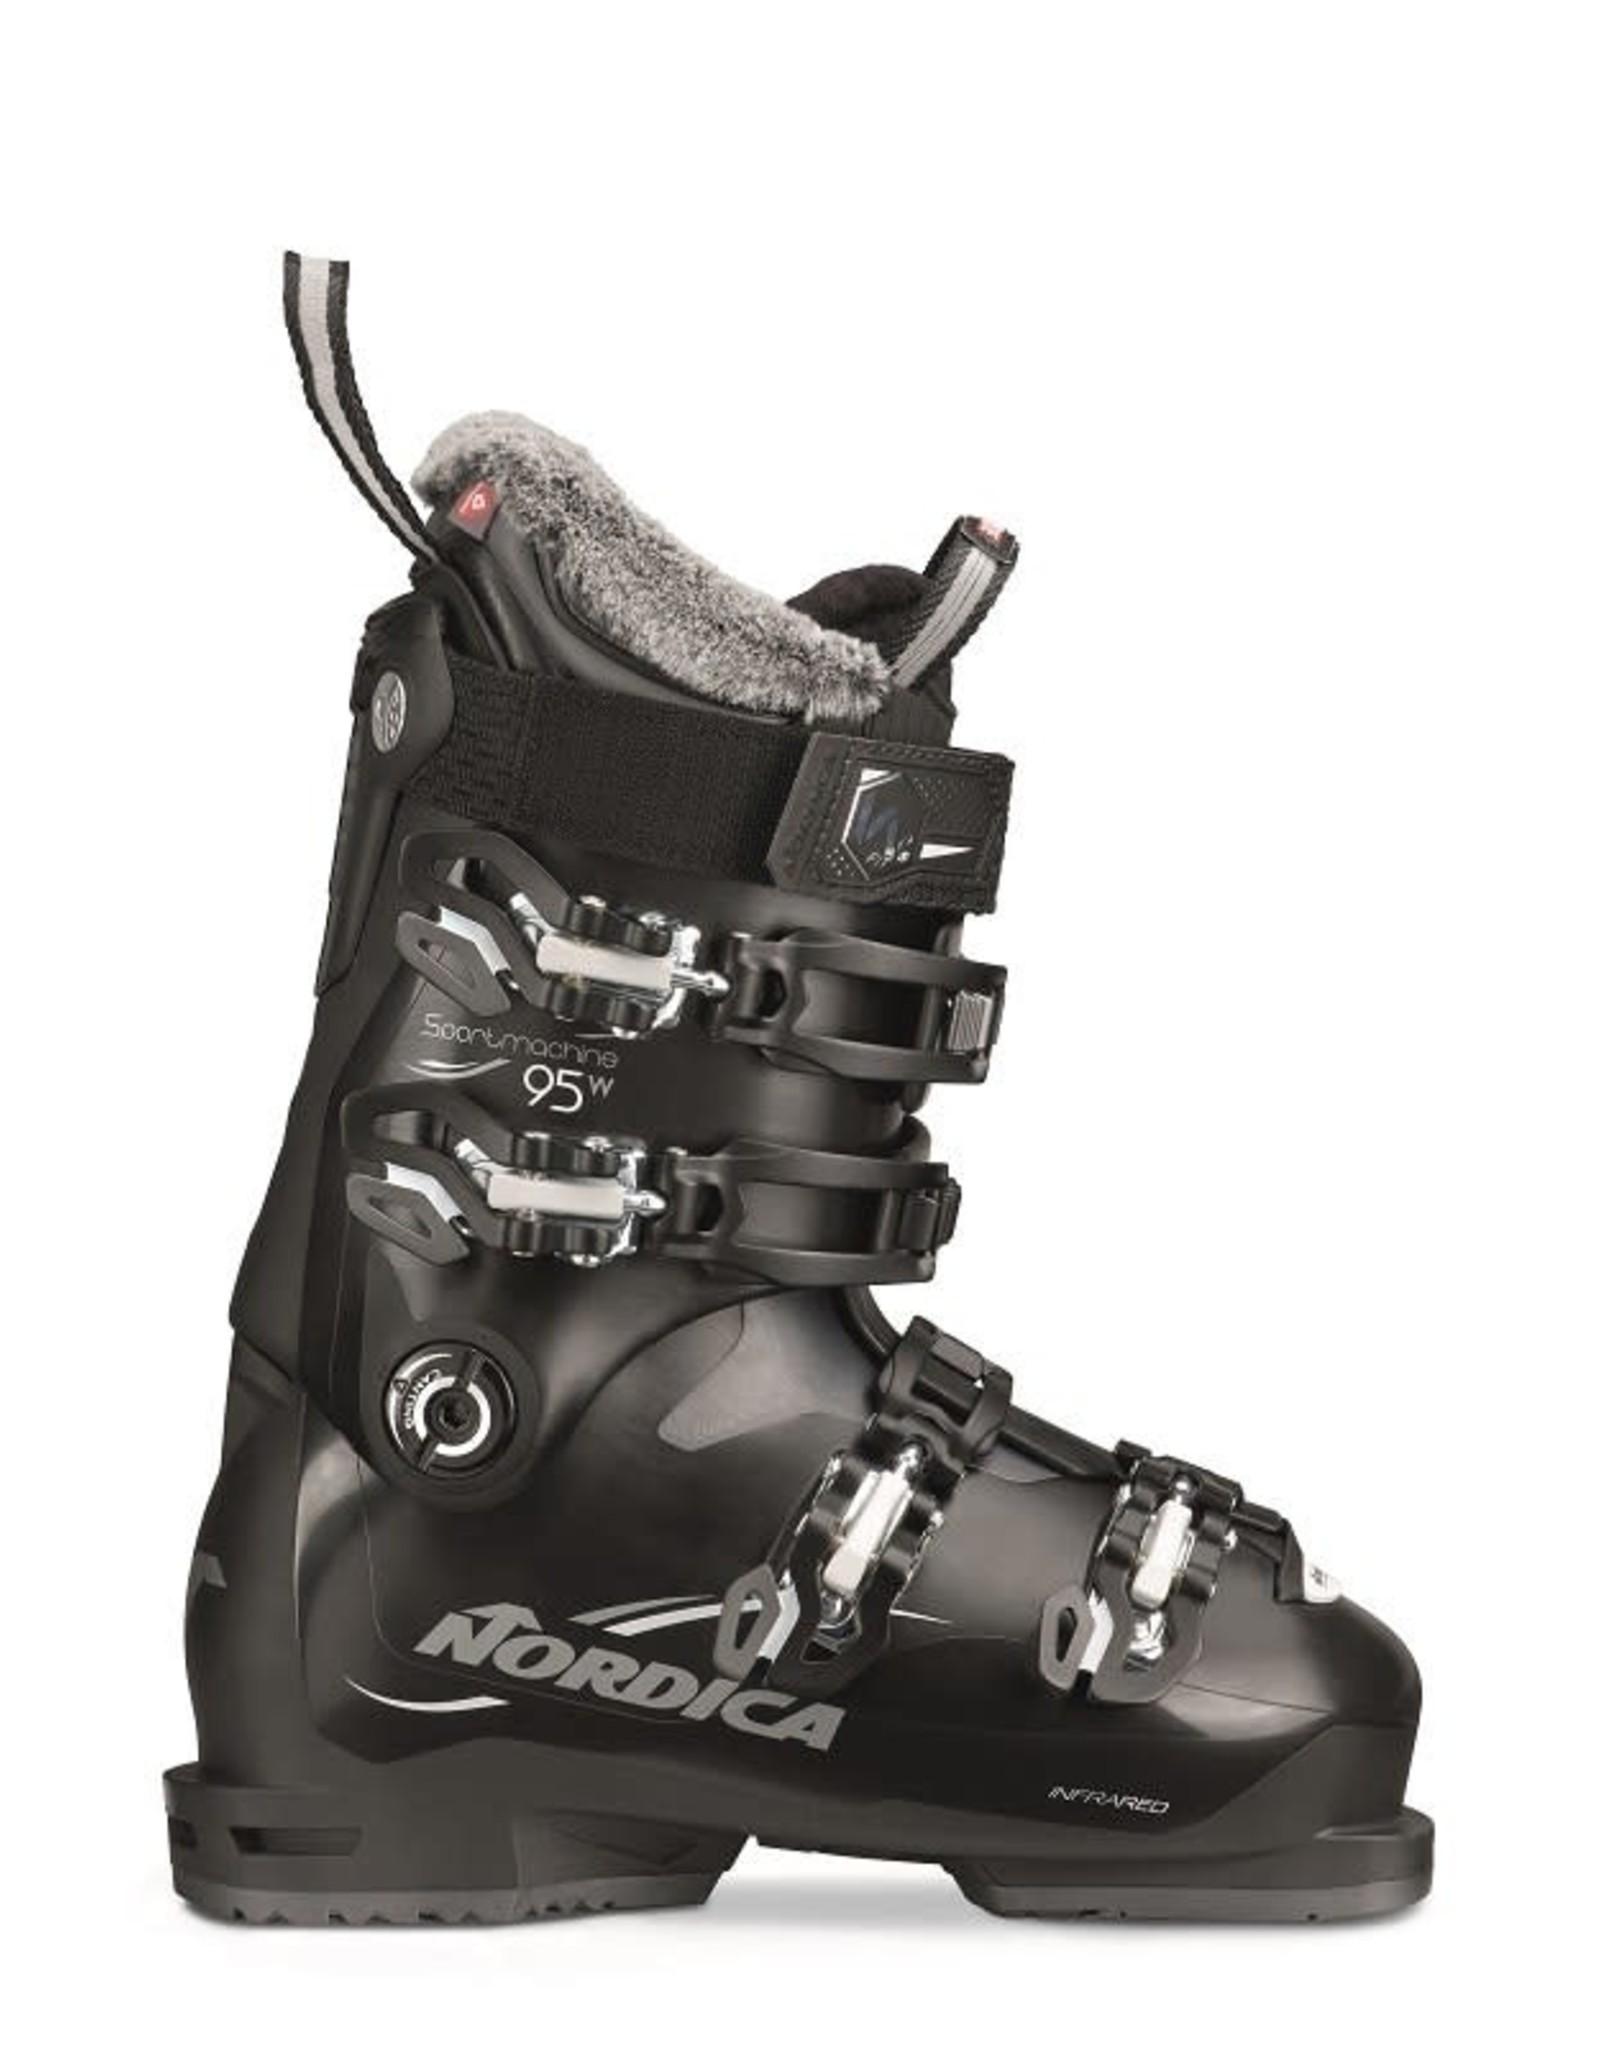 NORDICA NORDICA Ski Boots SPORTMACHINE 95 W (20/21)